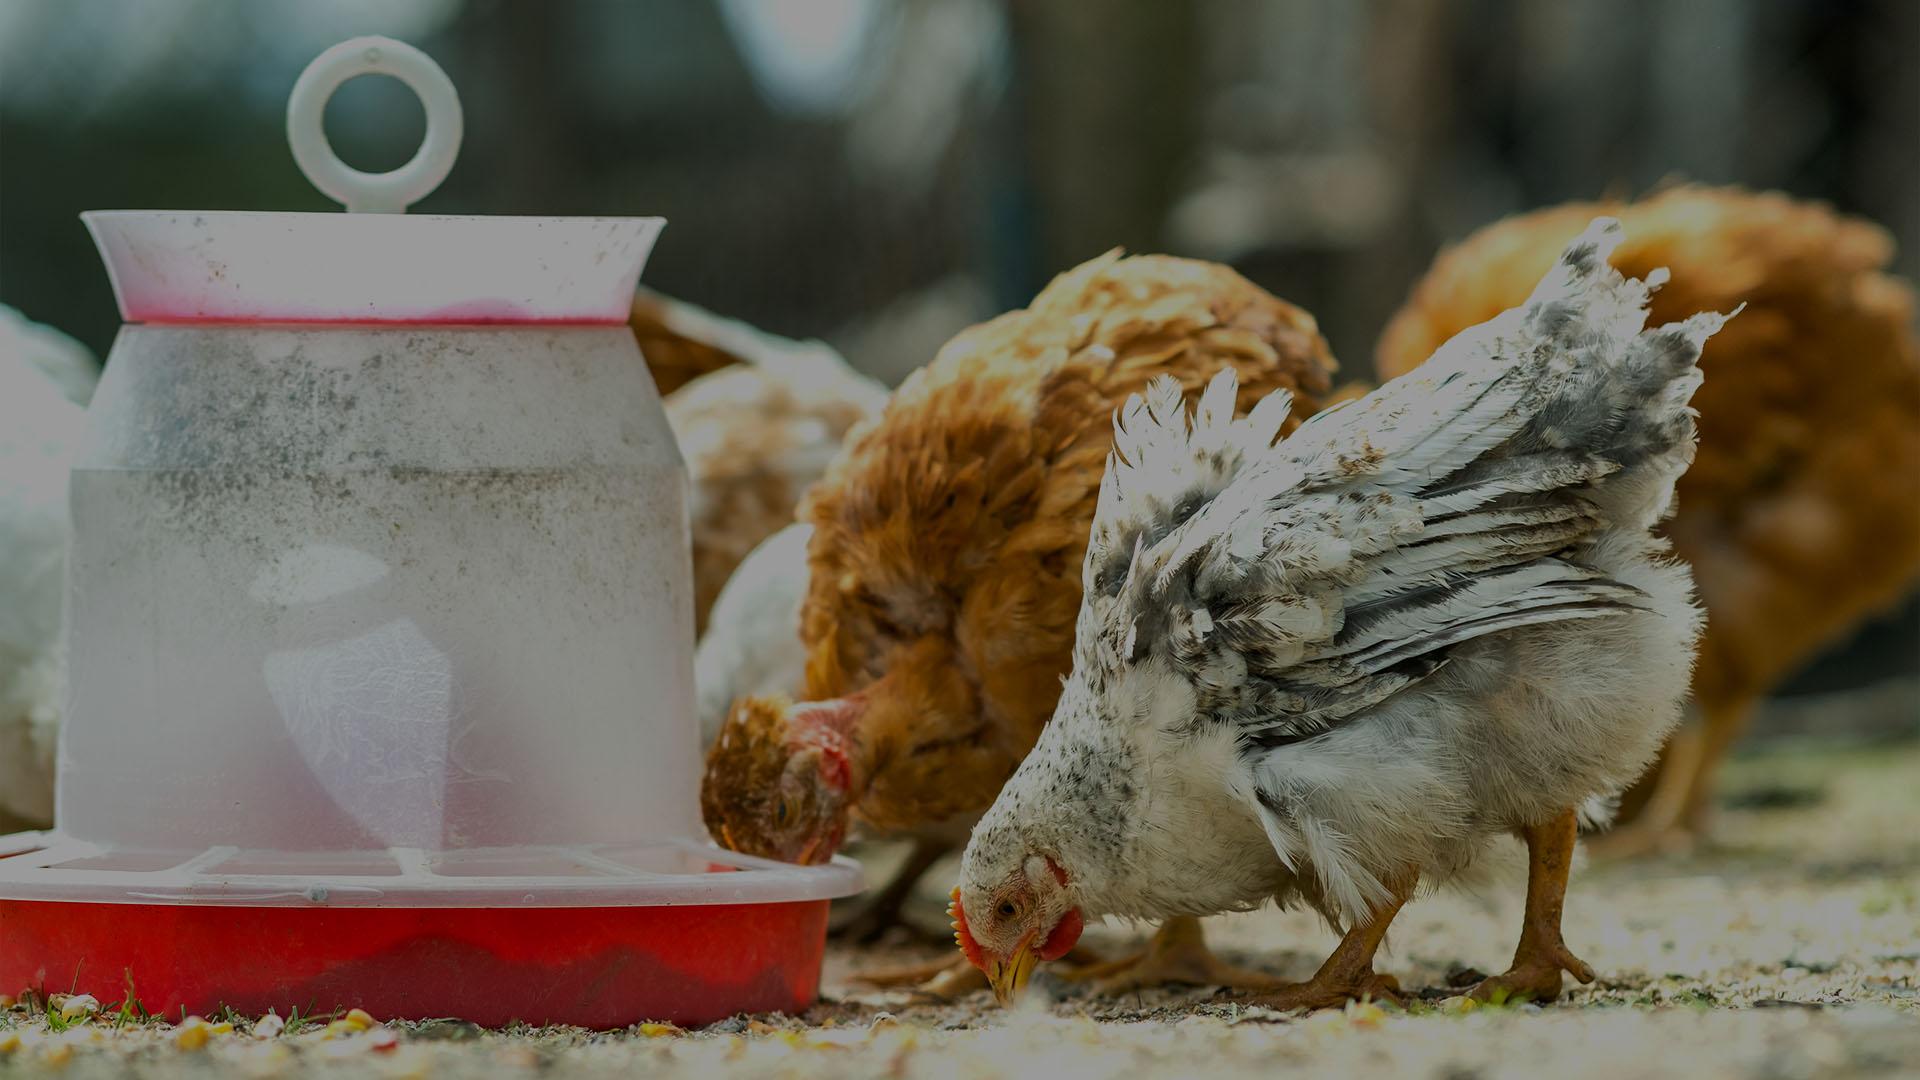 Se dispara la compra de gallinas por el miedo a la pandemia de coronavirus